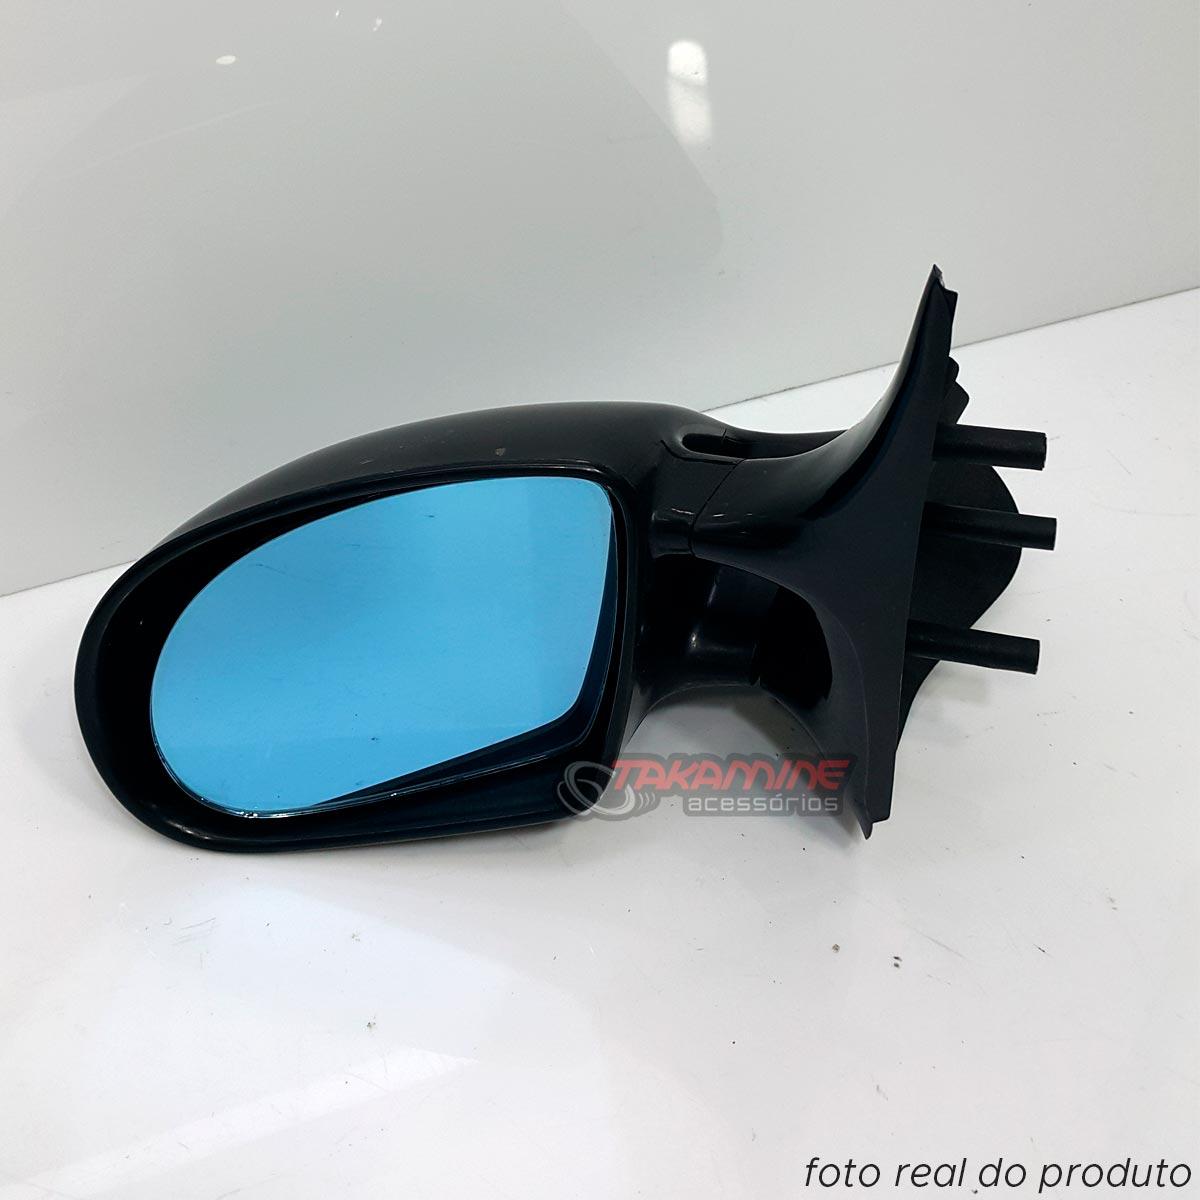 Retrovisor Indy Gol Bola Parati Bola com lente azul - fixo sem controle lado esquerdo